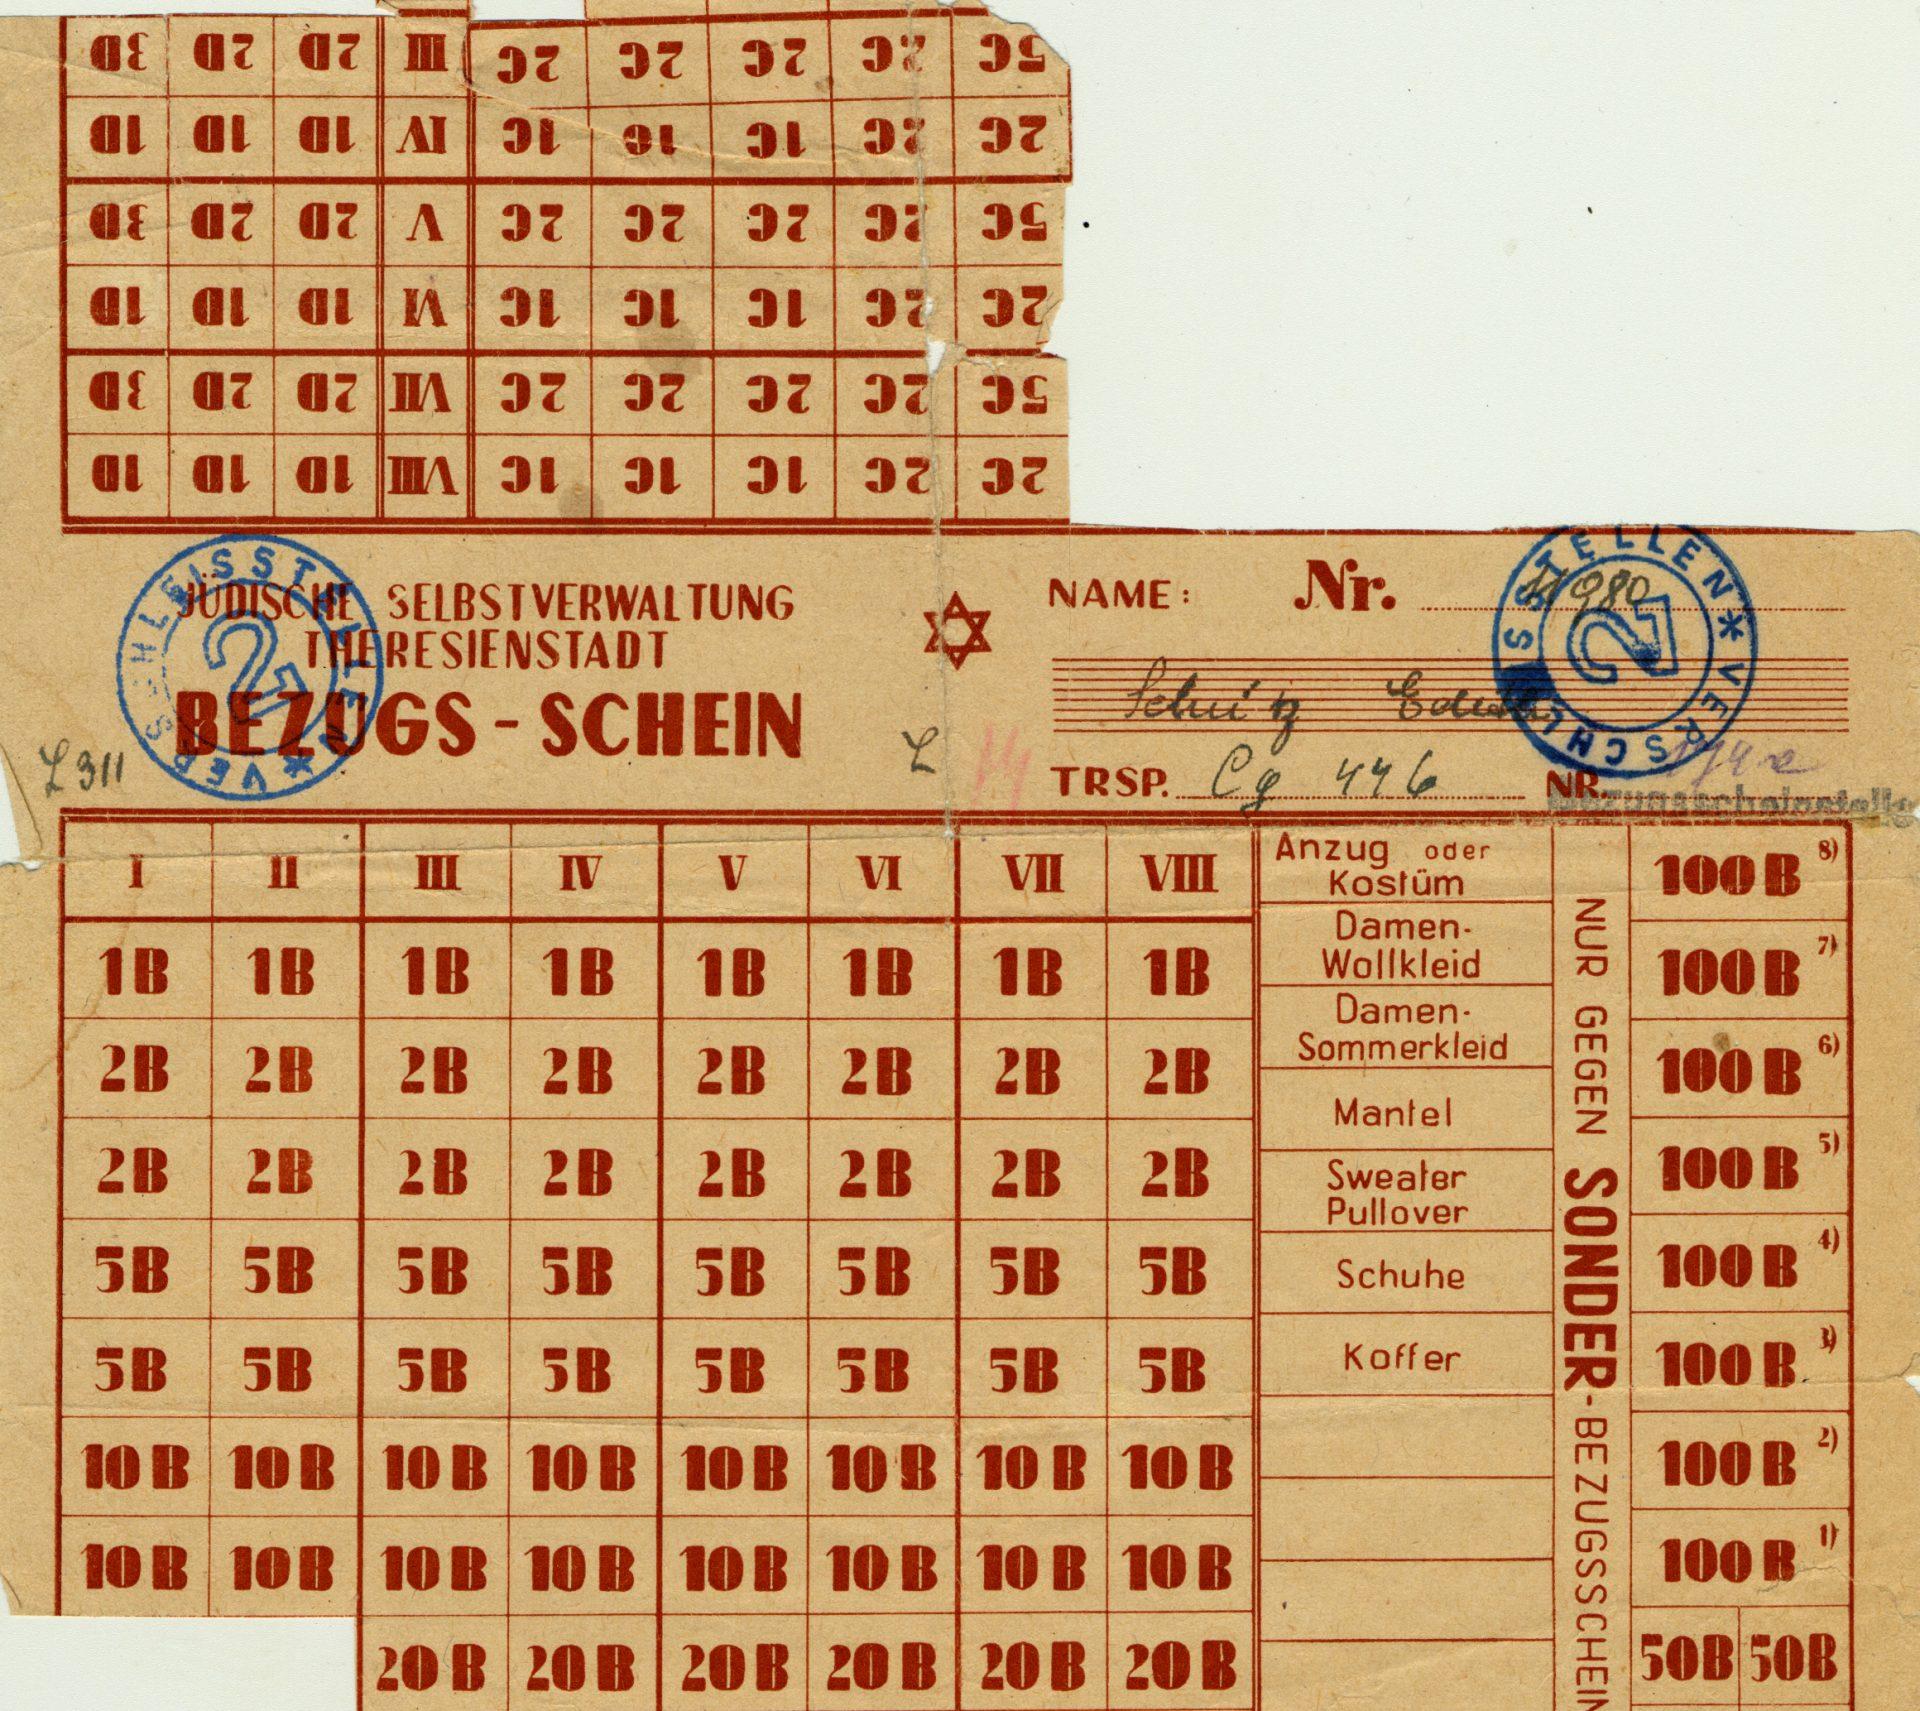 Cette feuille de coupons de rationnement  a appartenu à Emilie Schulzova. Ces coupons devaient être utilisés pour se procurer des produits disponibles en quantité limitée dans le ghetto de Theresienstadt.